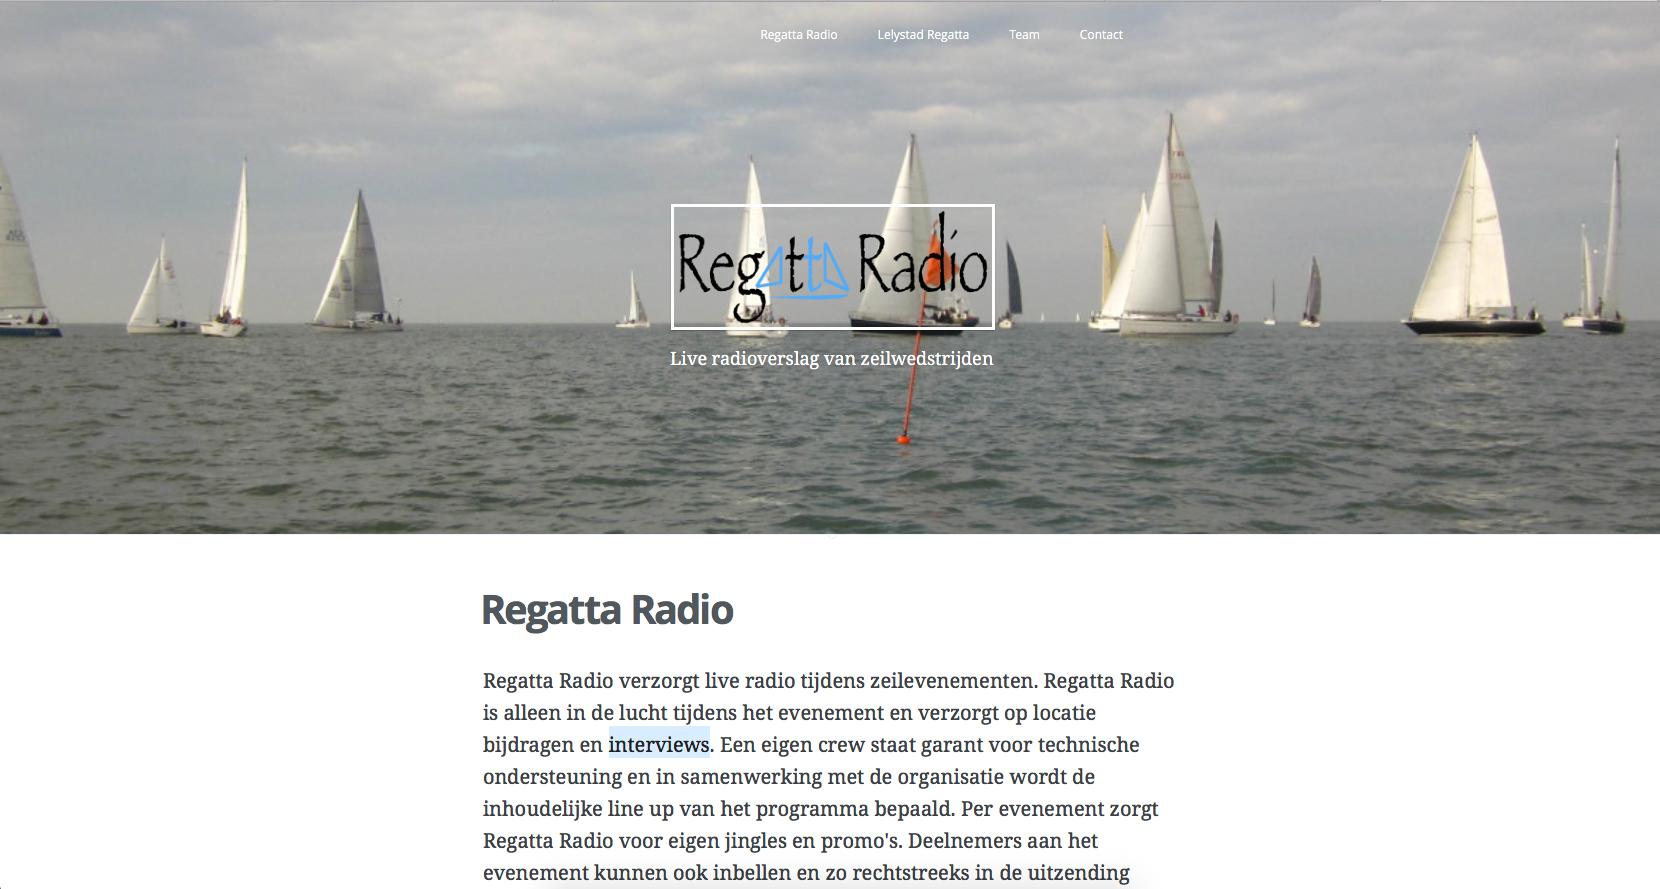 Regattaradio.nl